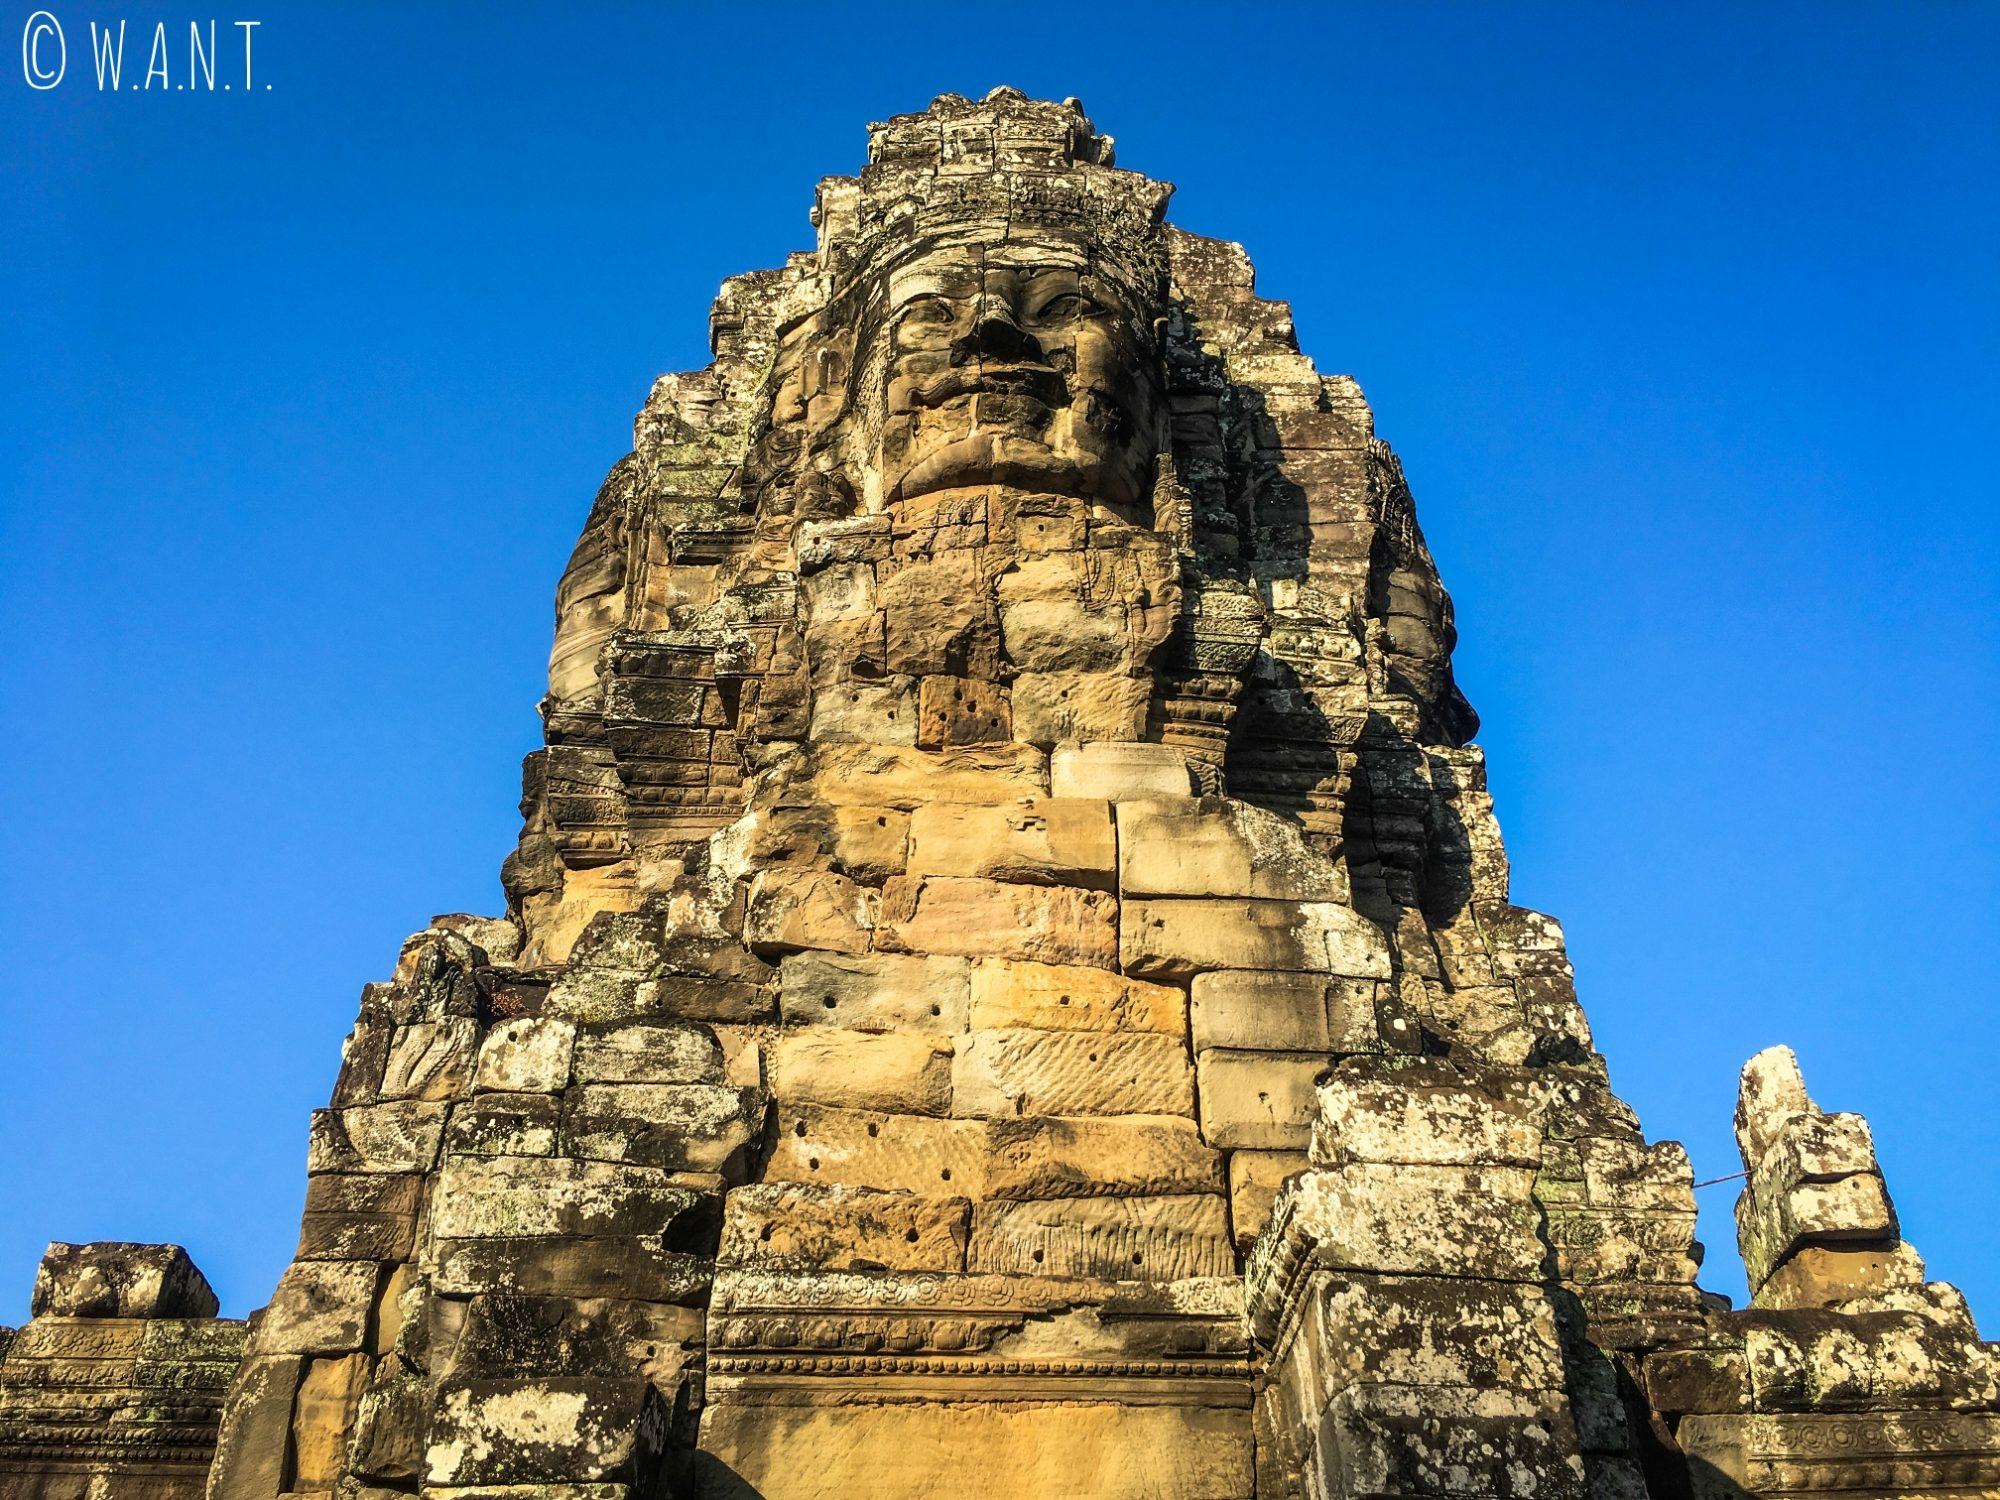 Vue en contre-plongée au temple Bayon à Angkor Thom